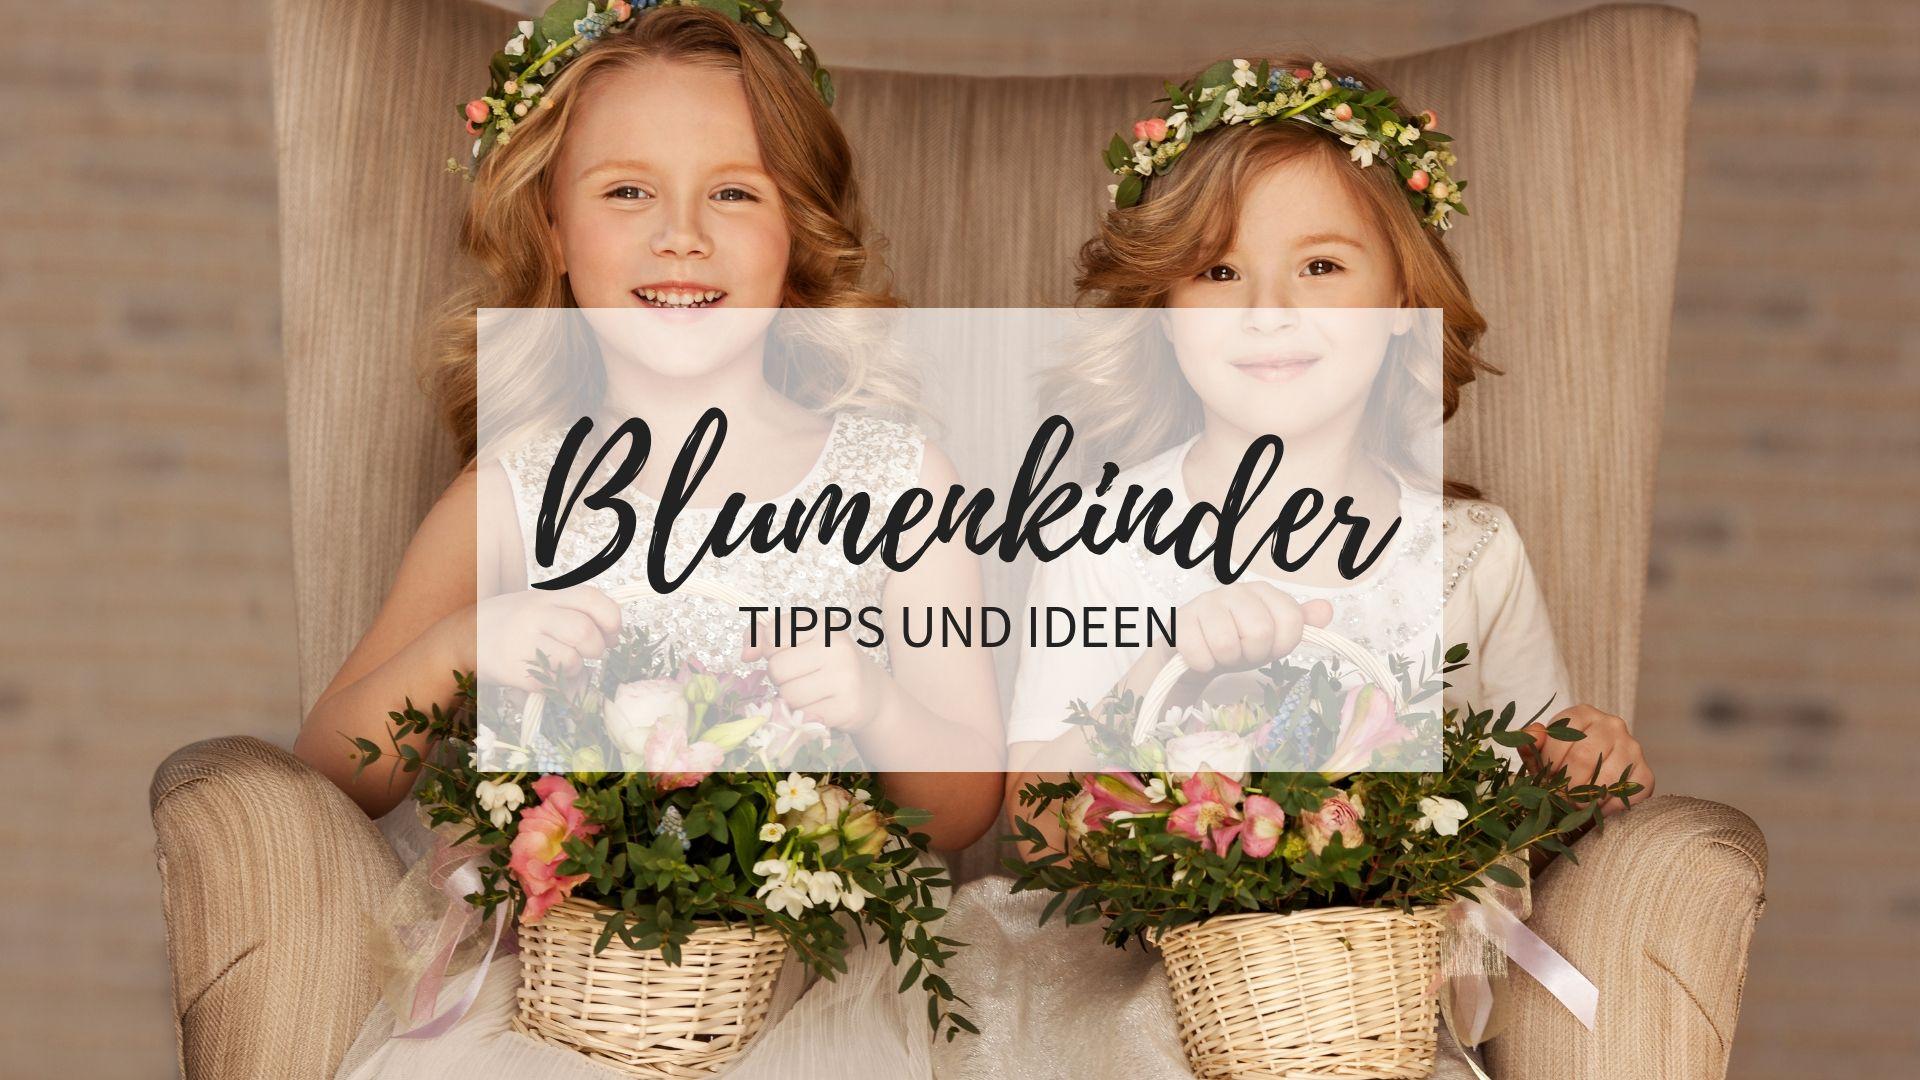 Blumenkinder Auf Der Hochzeit Tipps Und Ideen Hochzeitskiste Blumenkinder Hochzeit Blumenkinder Hochzeit